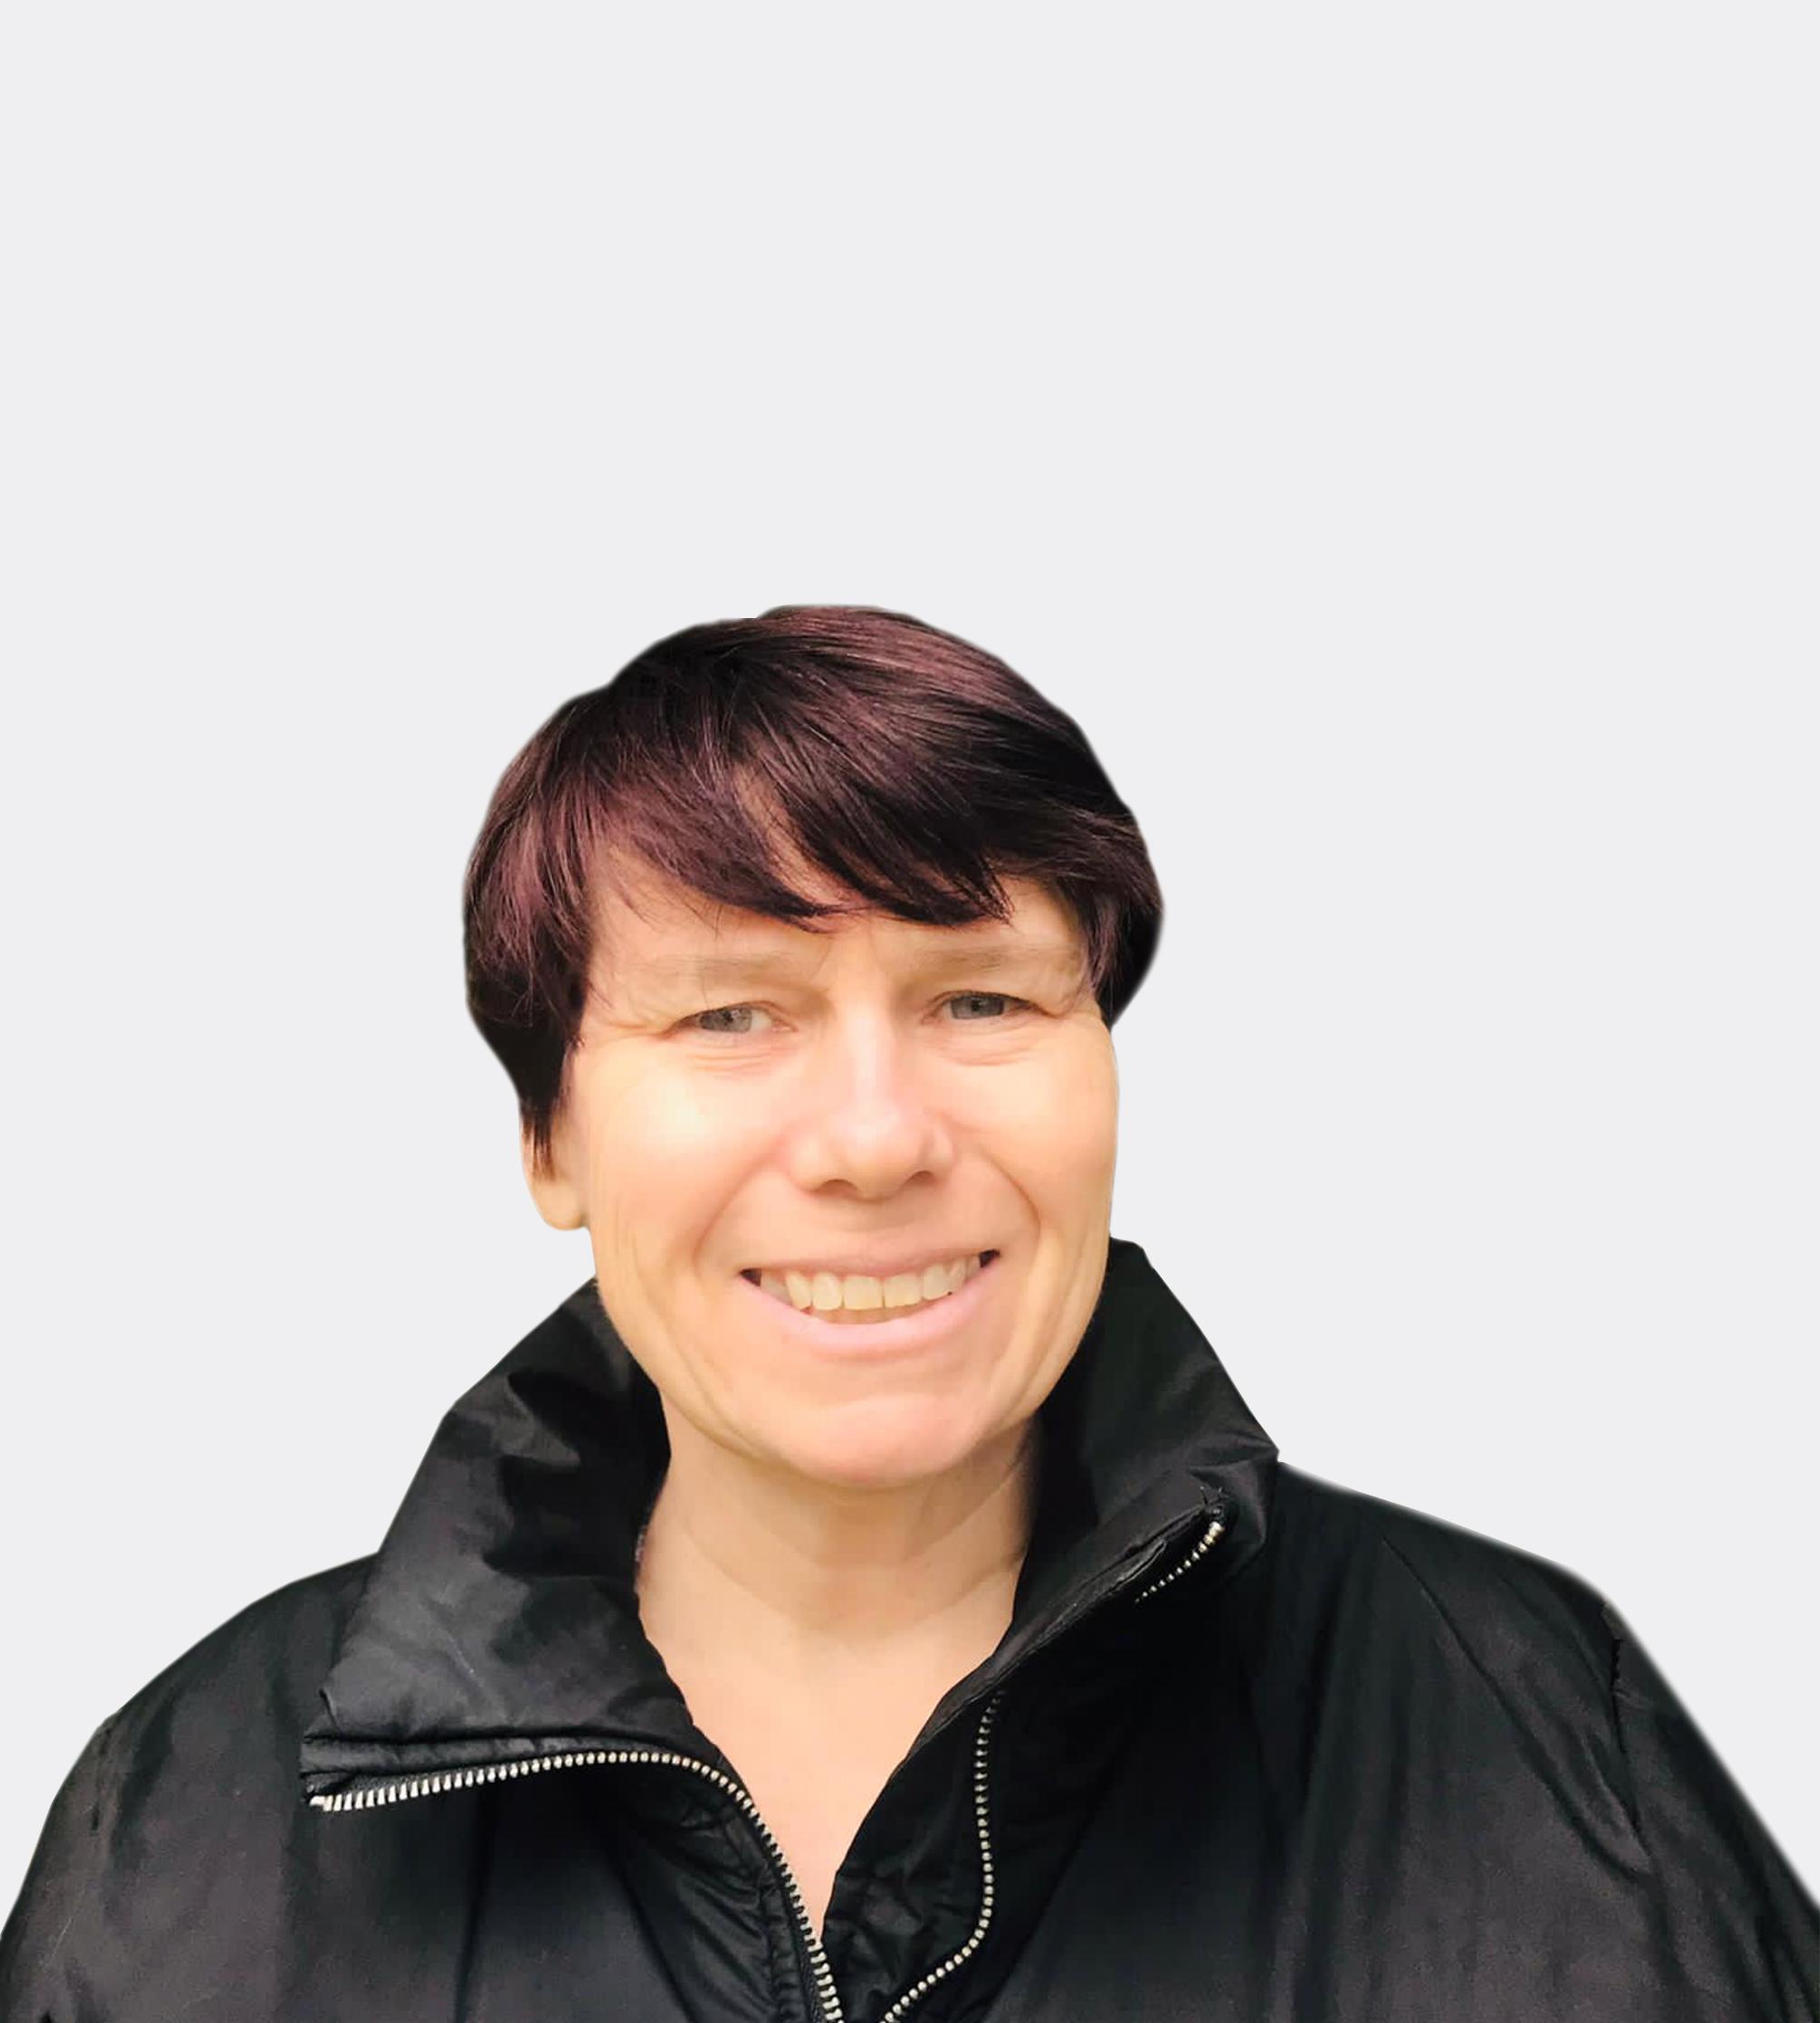 Joanne Reynard